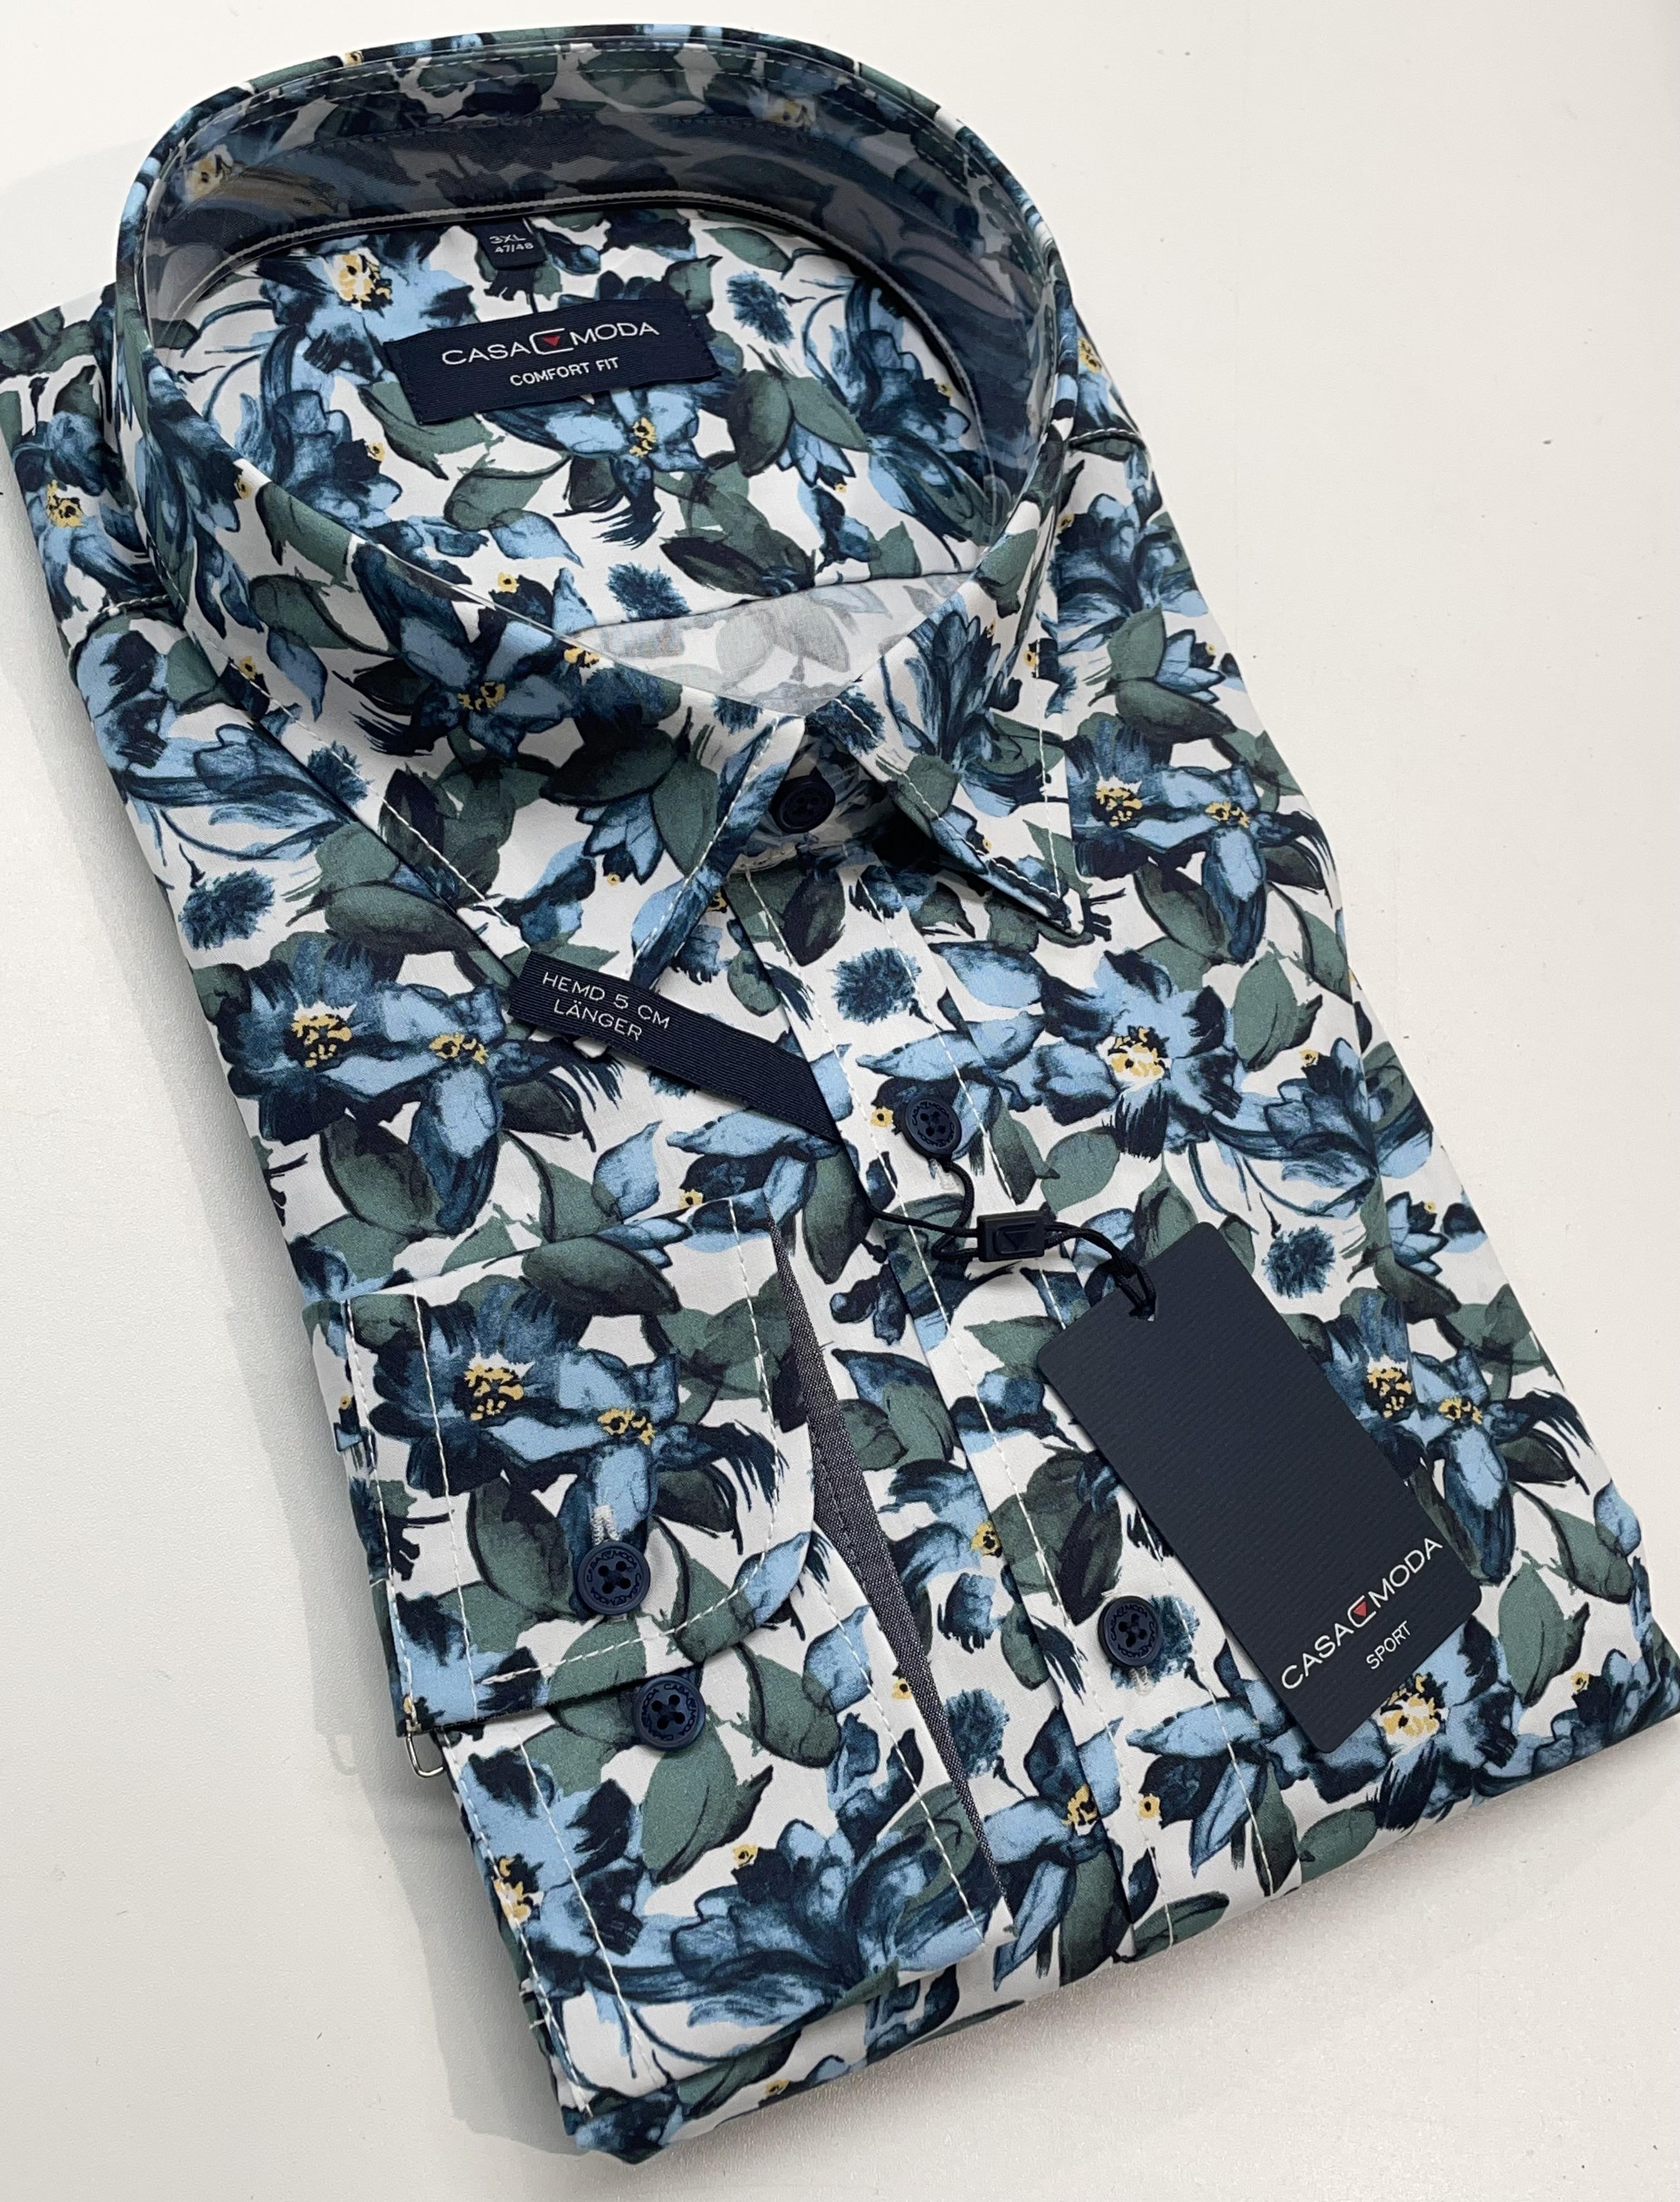 Een casual overhemd met een prachtige print, in de kwaliteit die we van Casa Moda gewend zijn, prachtig popline katoen met een Kent kraag. Let op de mooie afwerking met oog voor detail en een fijne contrast stof in de kraag en mouwen. Dit overhemd heeft een extra lengte van 5 cm zie hiervoor ook de maattabel bij dit hemd.